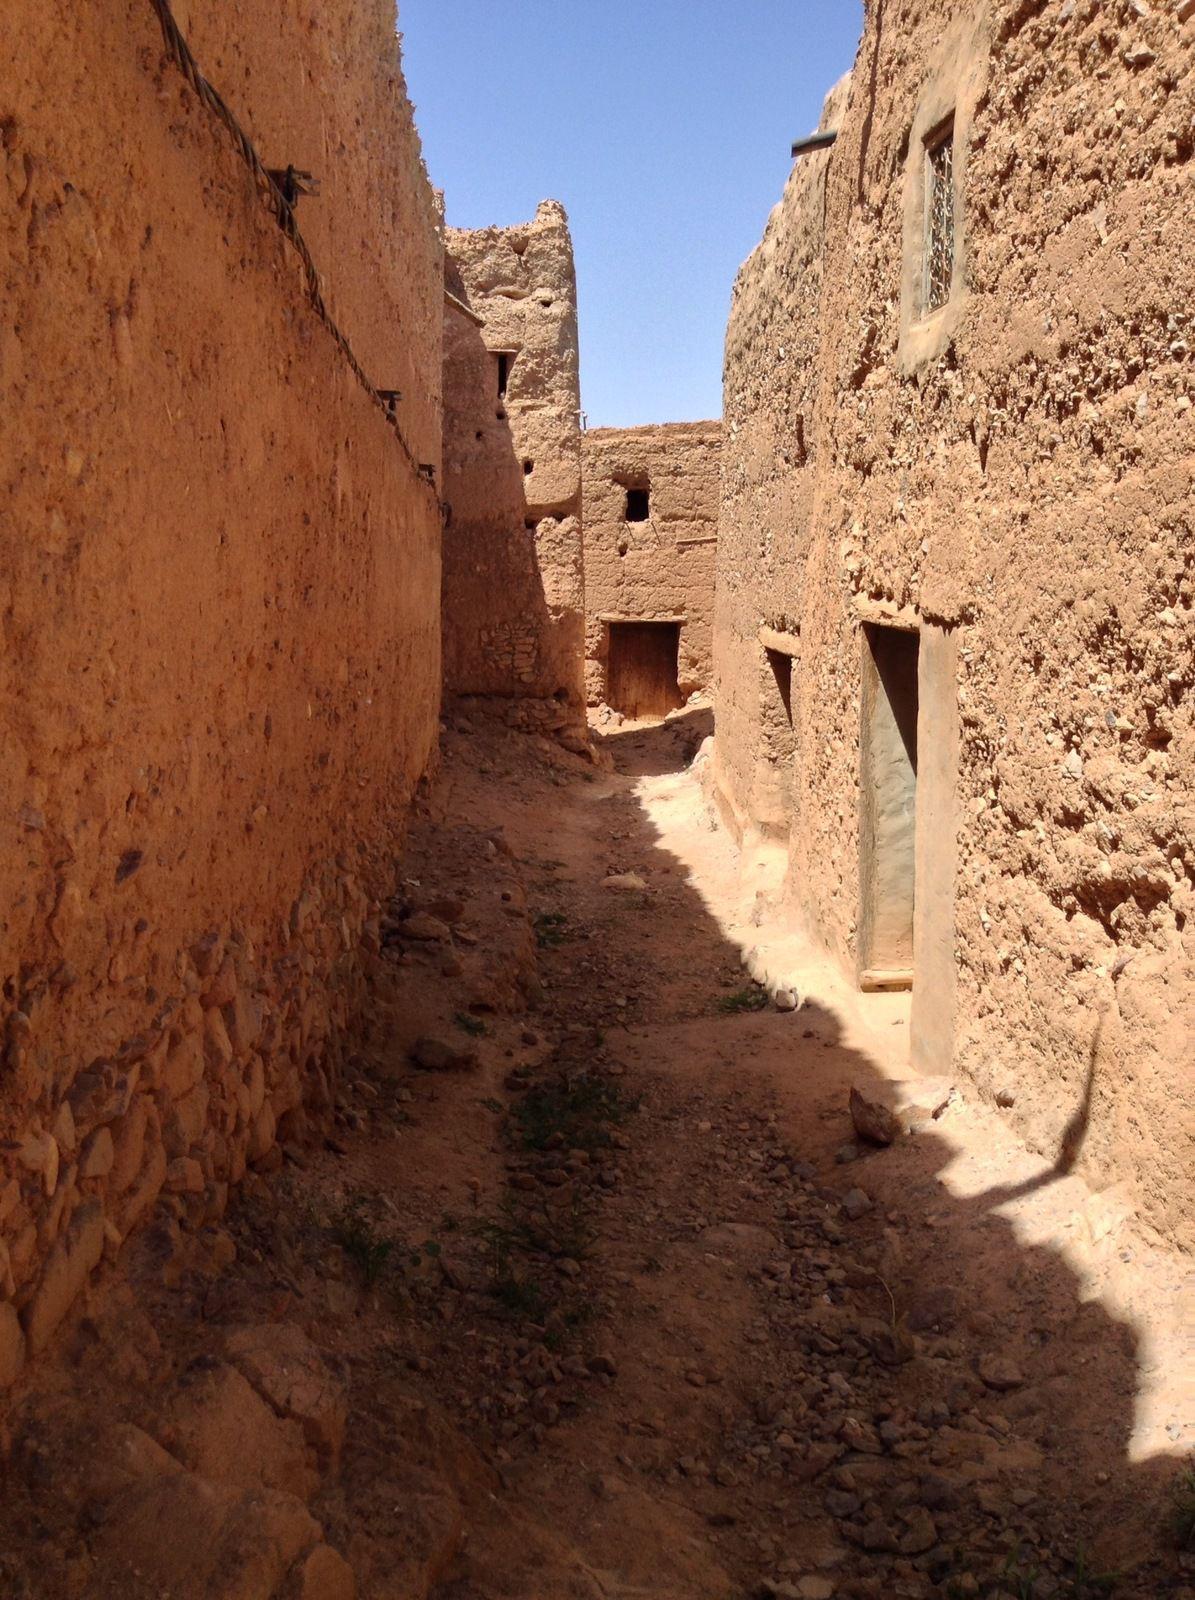 אחד מהביקורים המיוחזים של הטיול במרוקו של לידי סיון